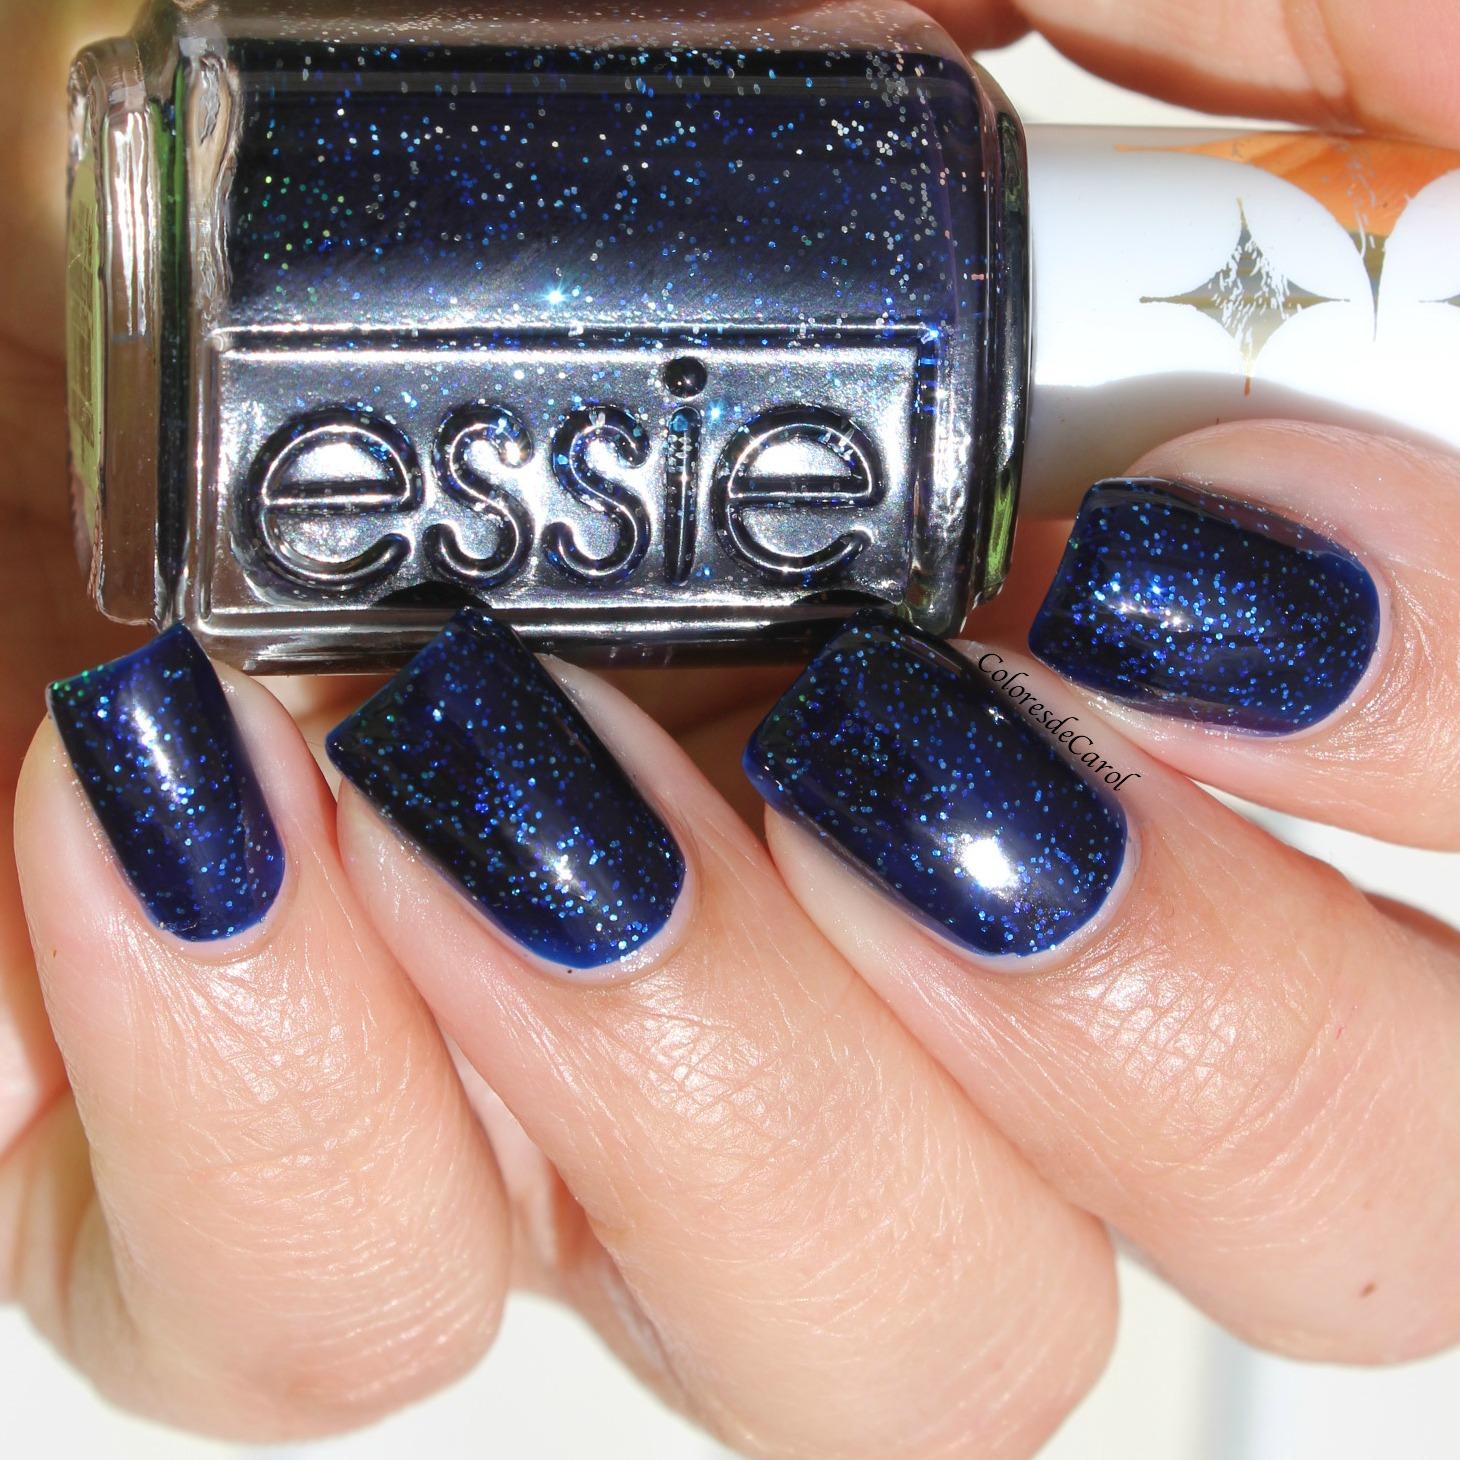 Colores de Carol: Essie Retro Revival - Starry Starry Night